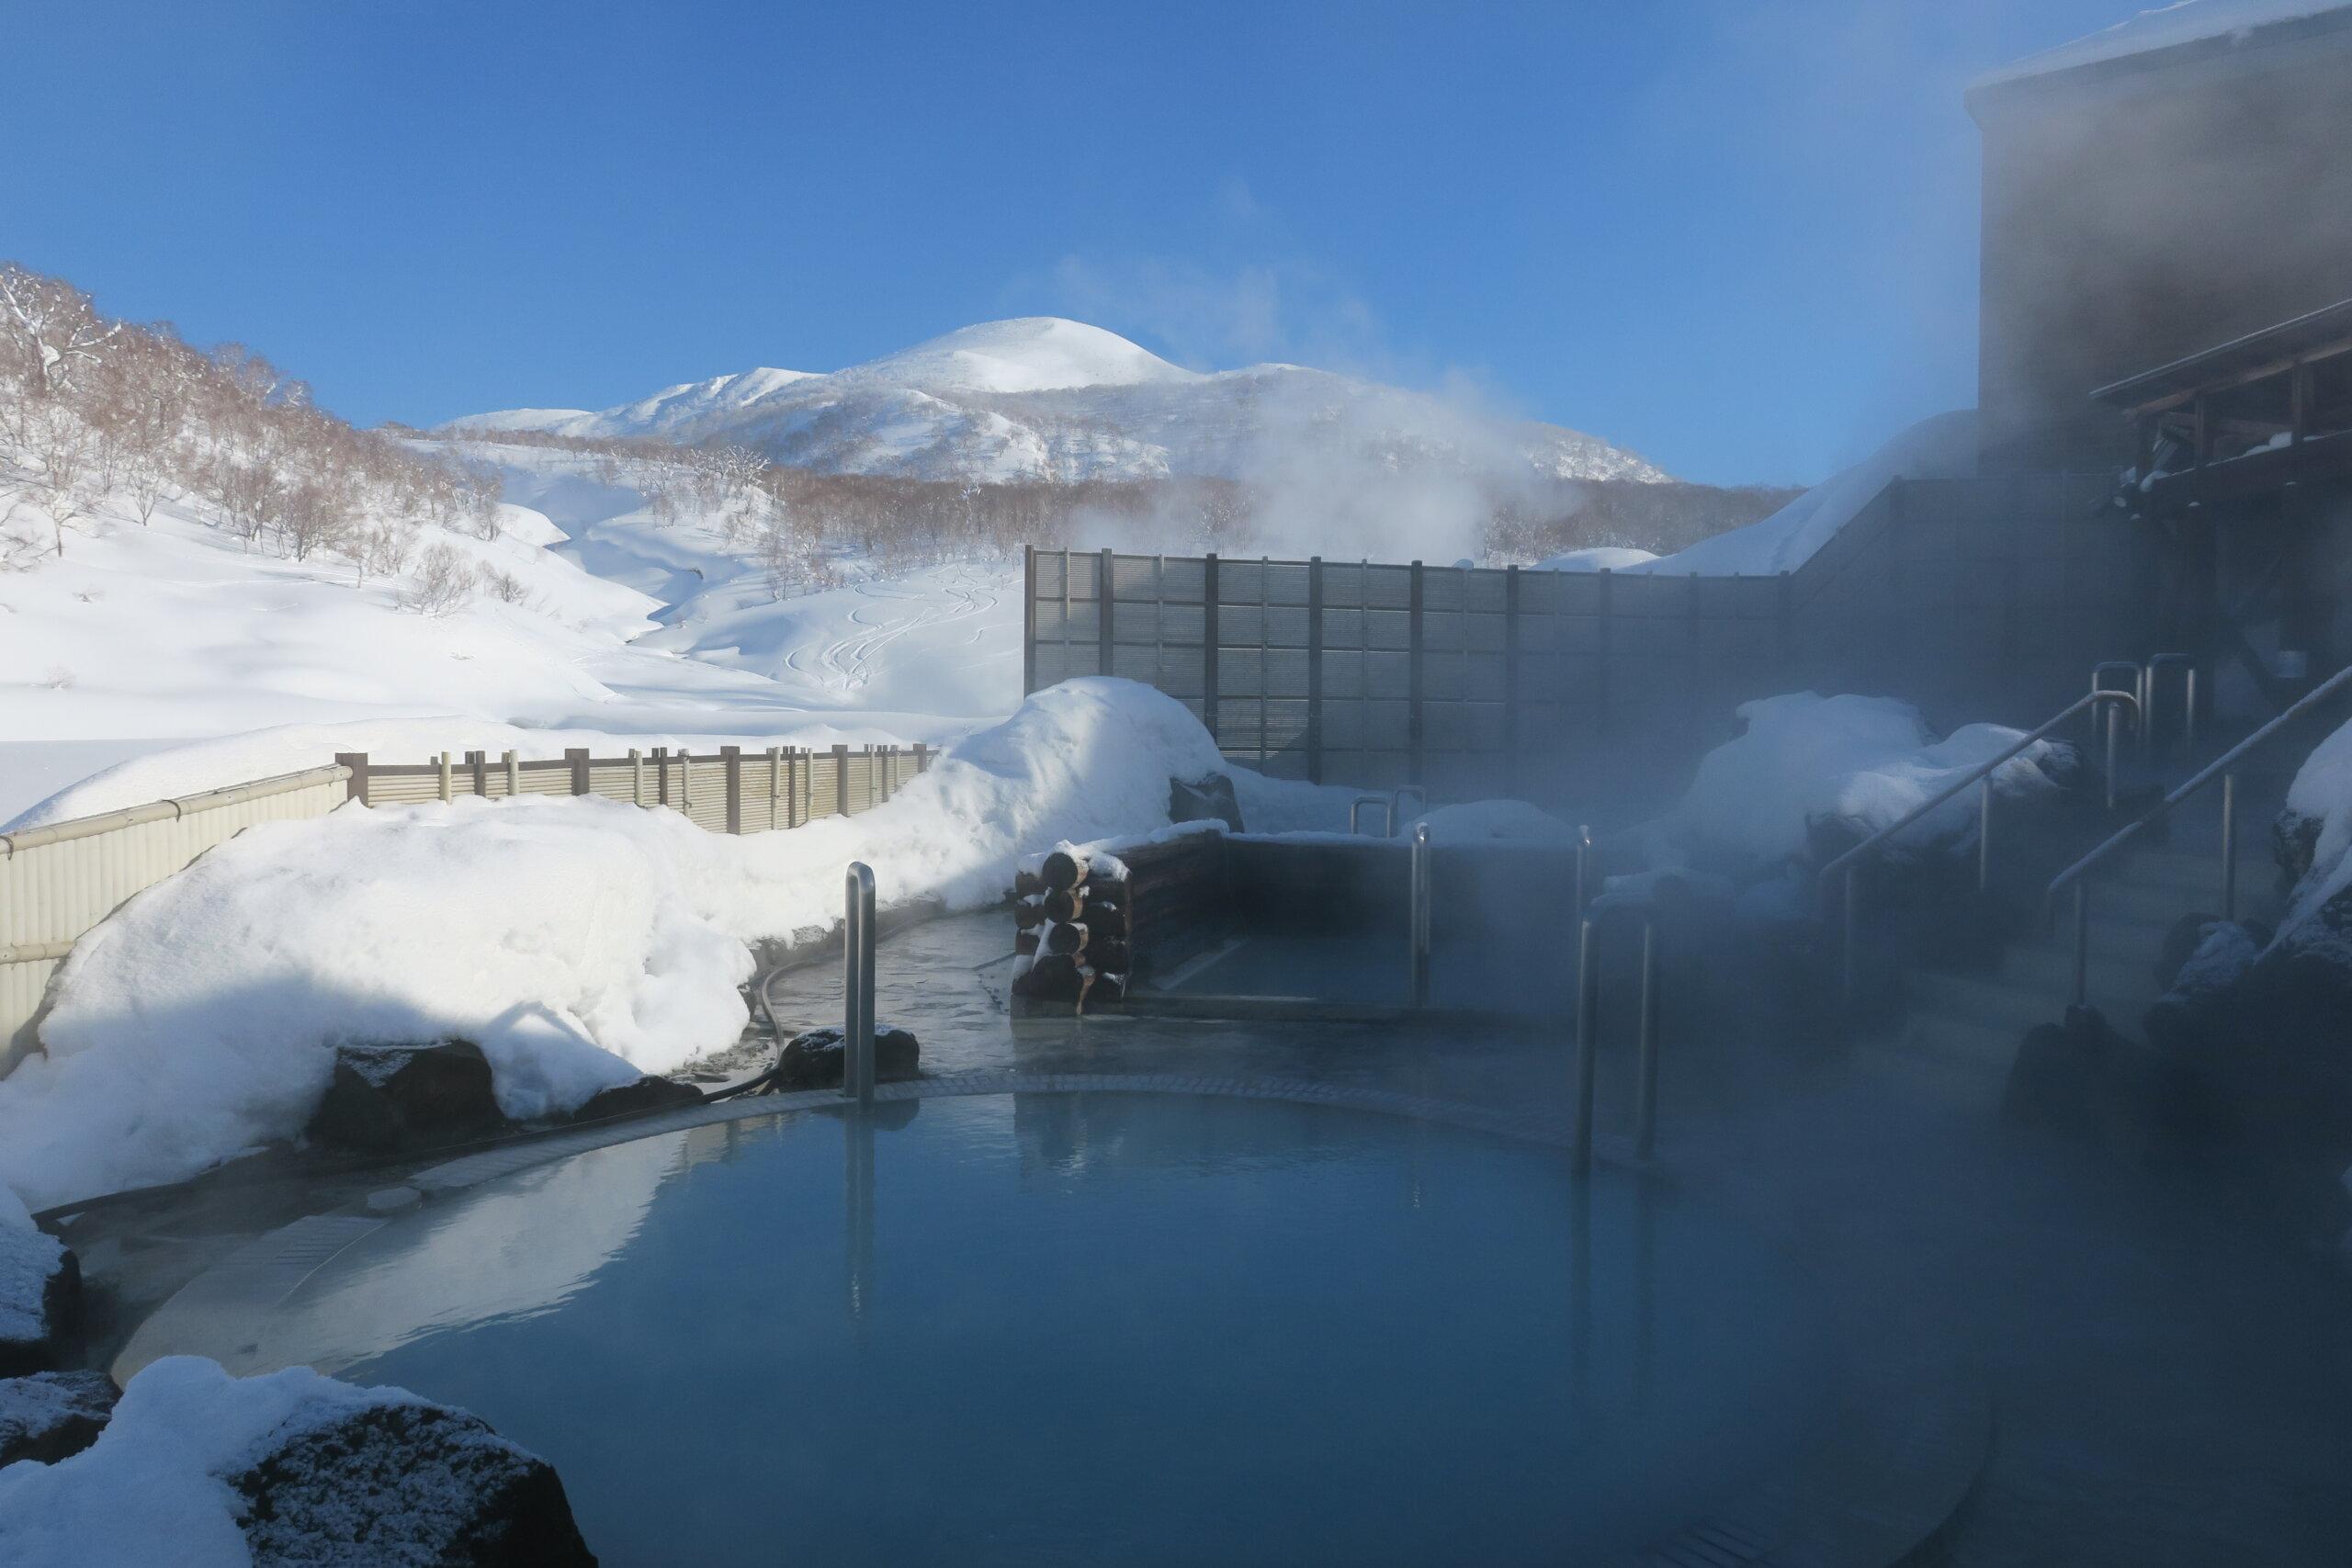 蘭越町交流促進中心 雪秩父:露天浴池的種類豐富,還能觀賞四季的自然美景